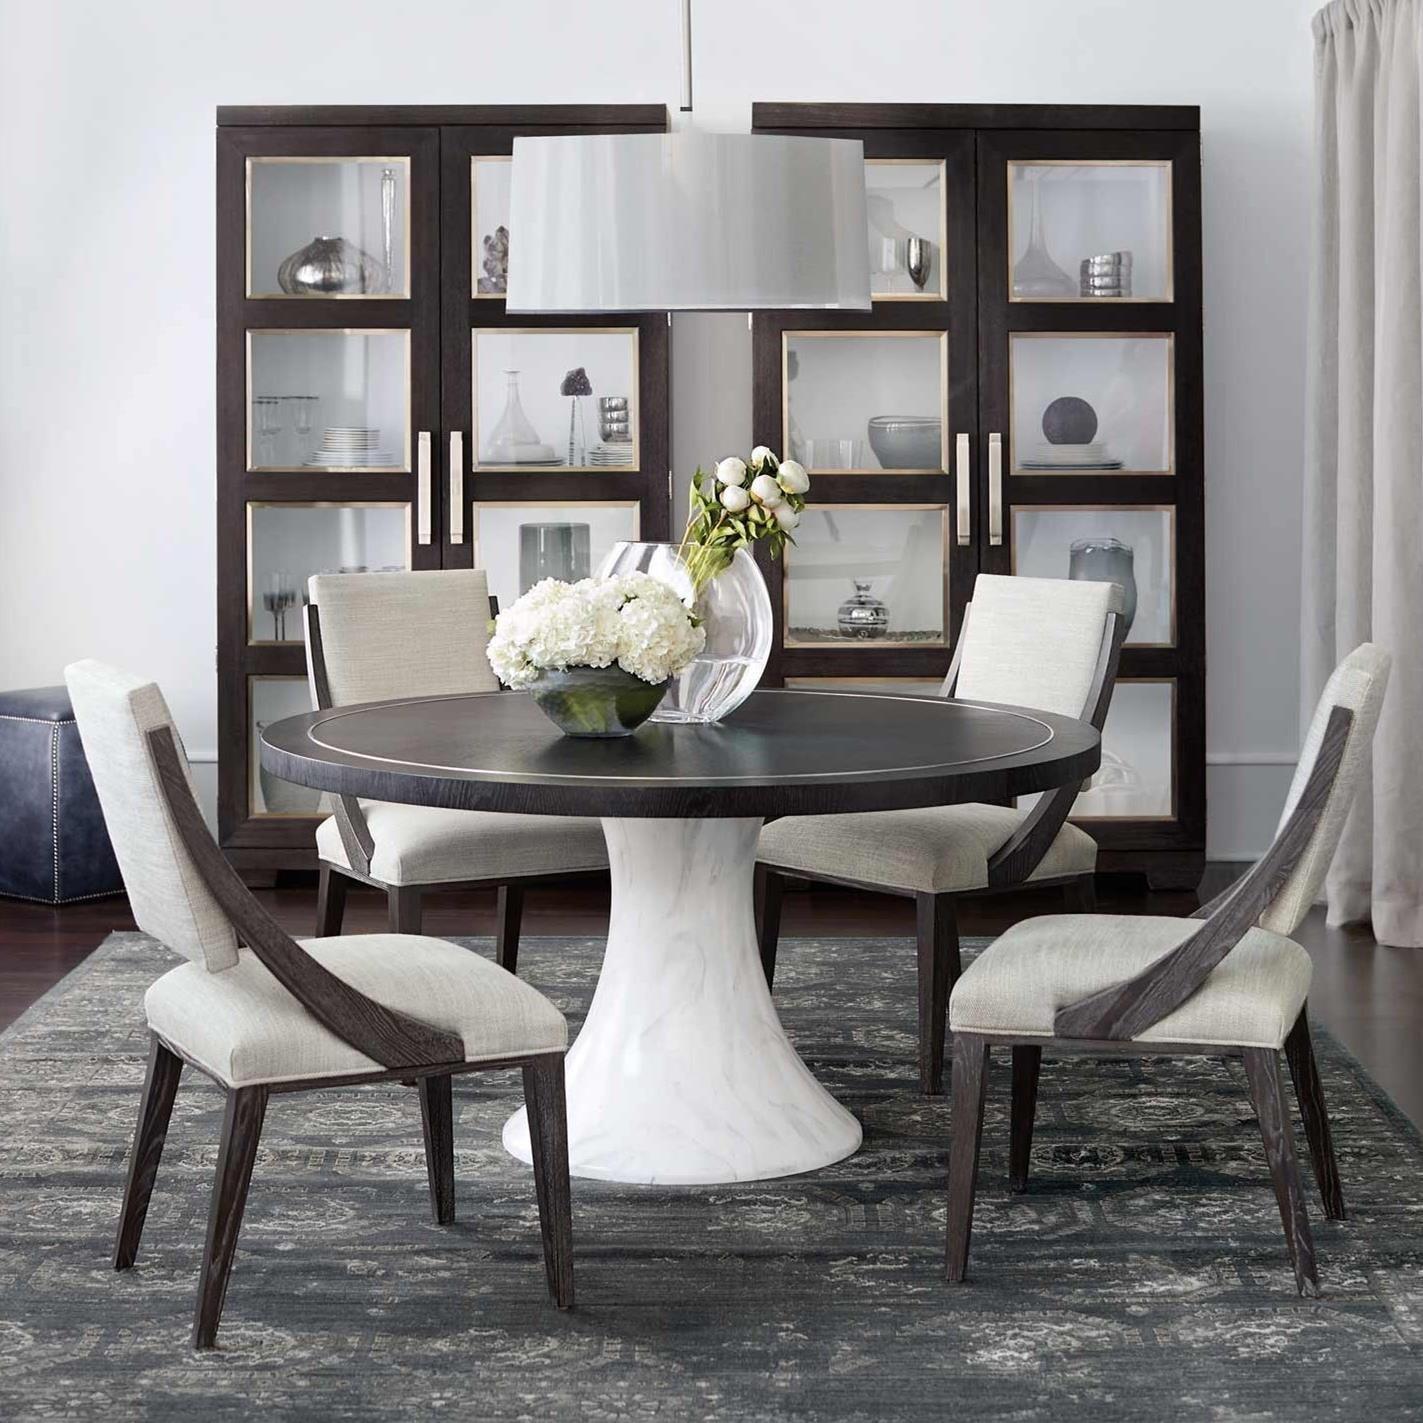 bernhardt decorage casual dining room group baer 39 s. Black Bedroom Furniture Sets. Home Design Ideas